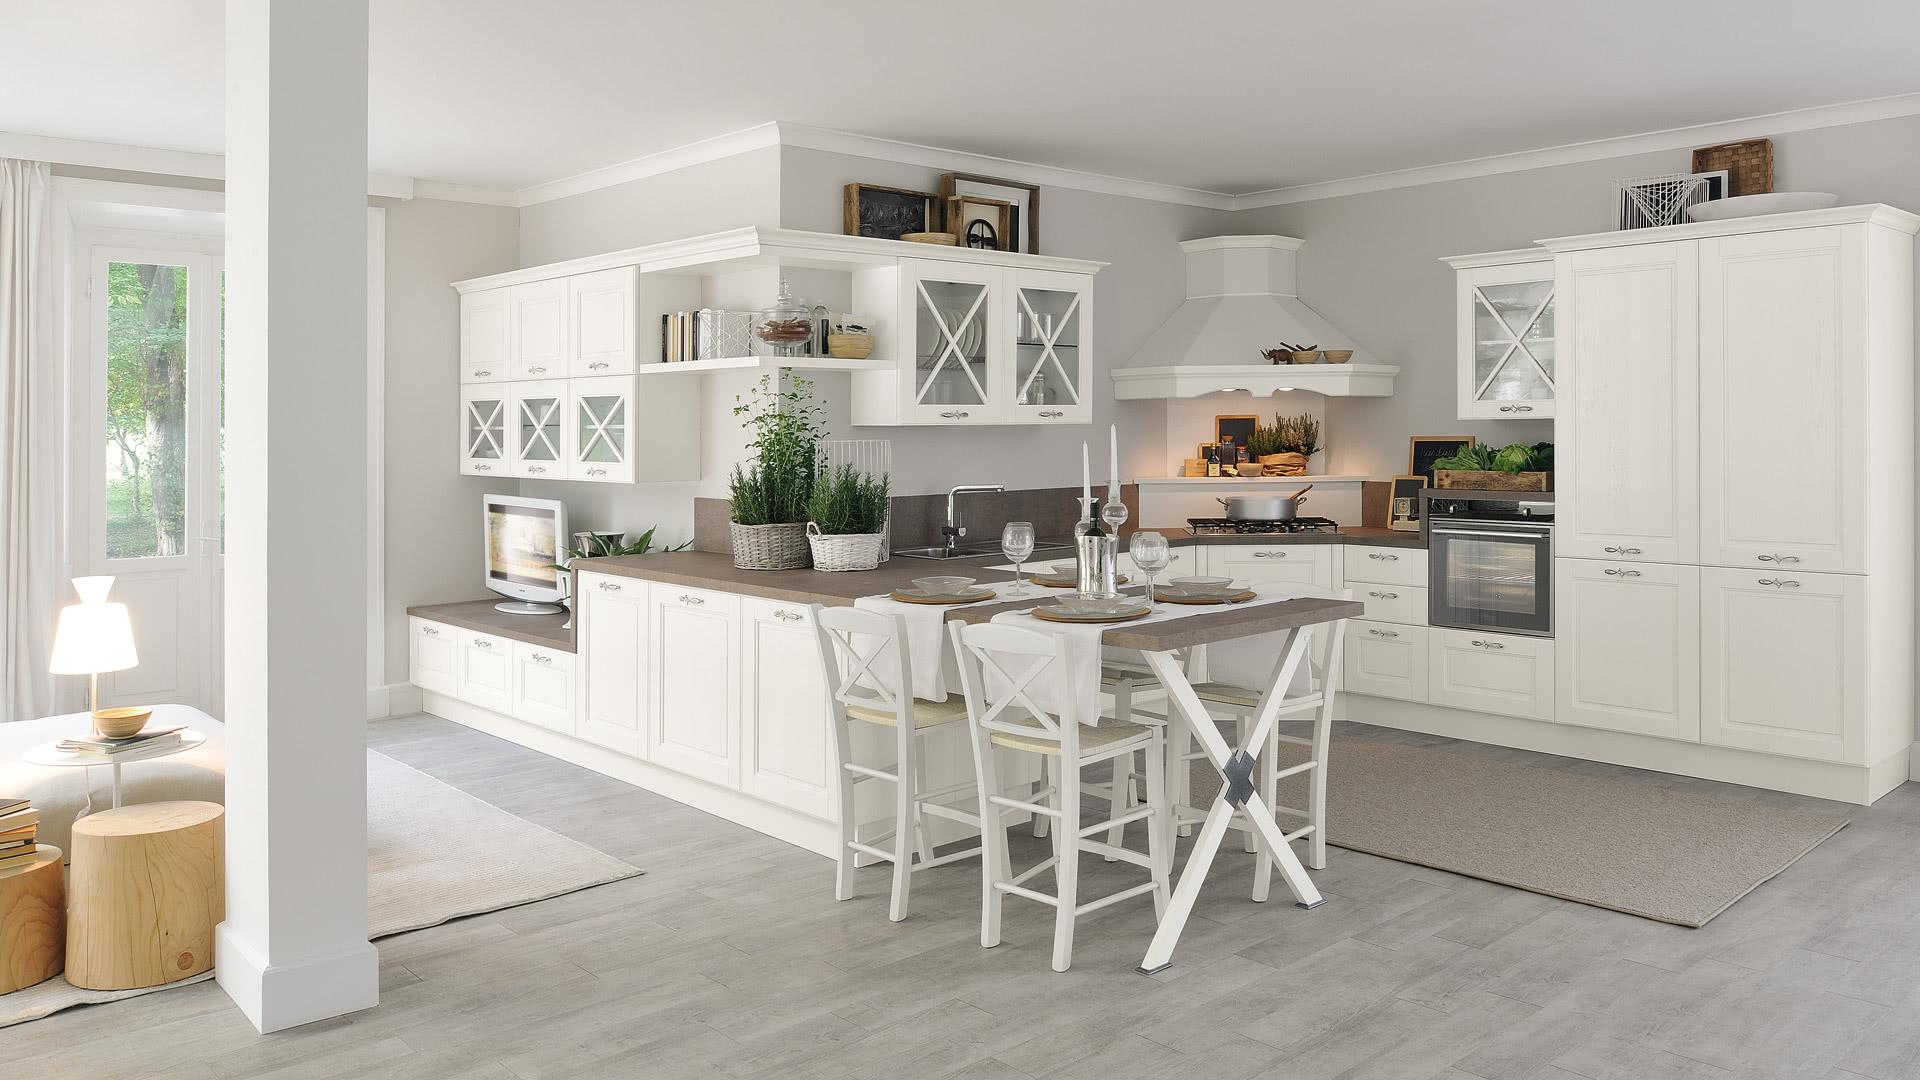 Agnese - Cucine Classiche - Scheda prodotto - Cucine Lube